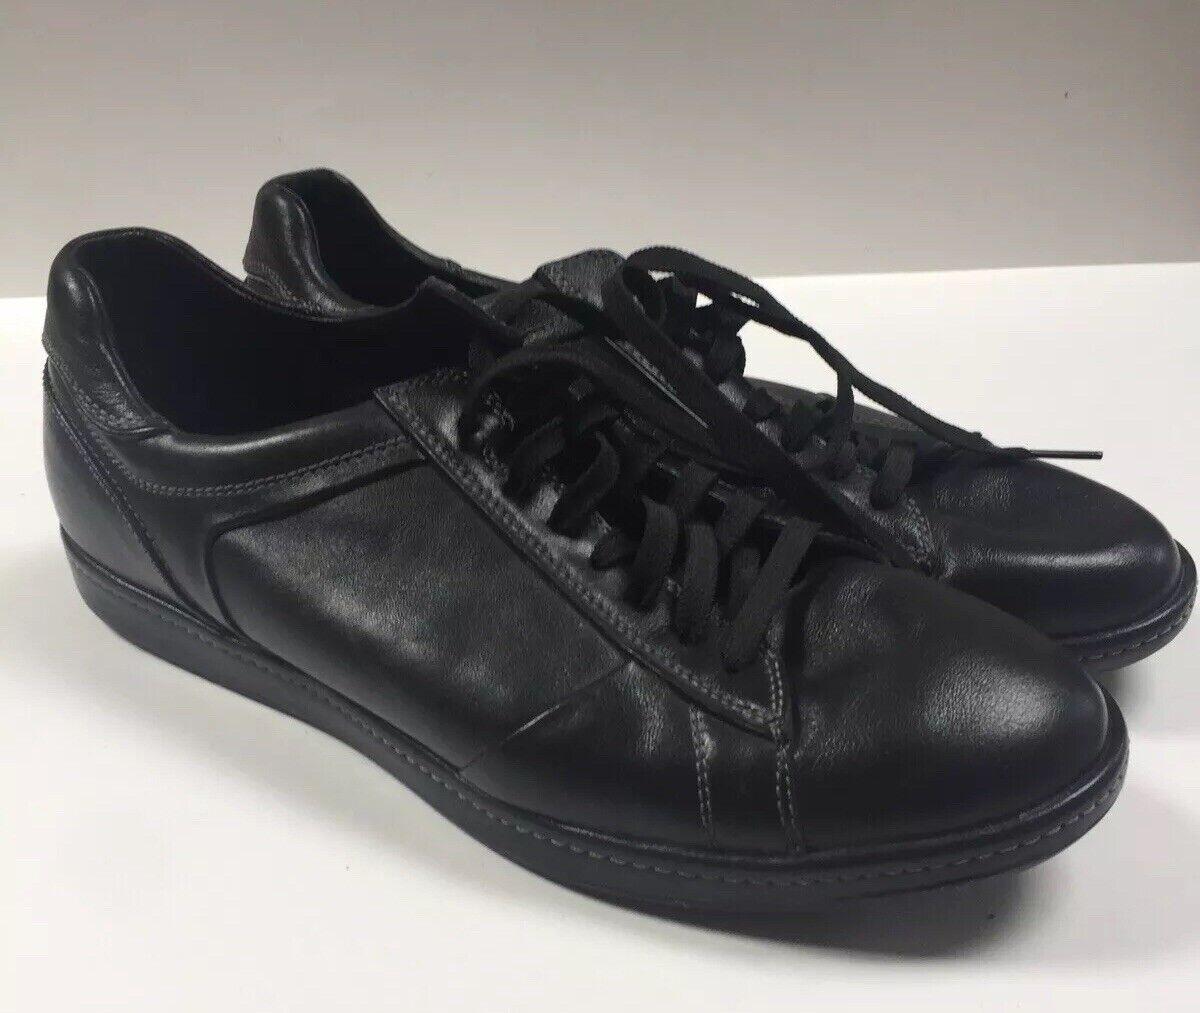 Cole Haan zapatos, zapatos de amarre negro, 10 yardas, hombre.